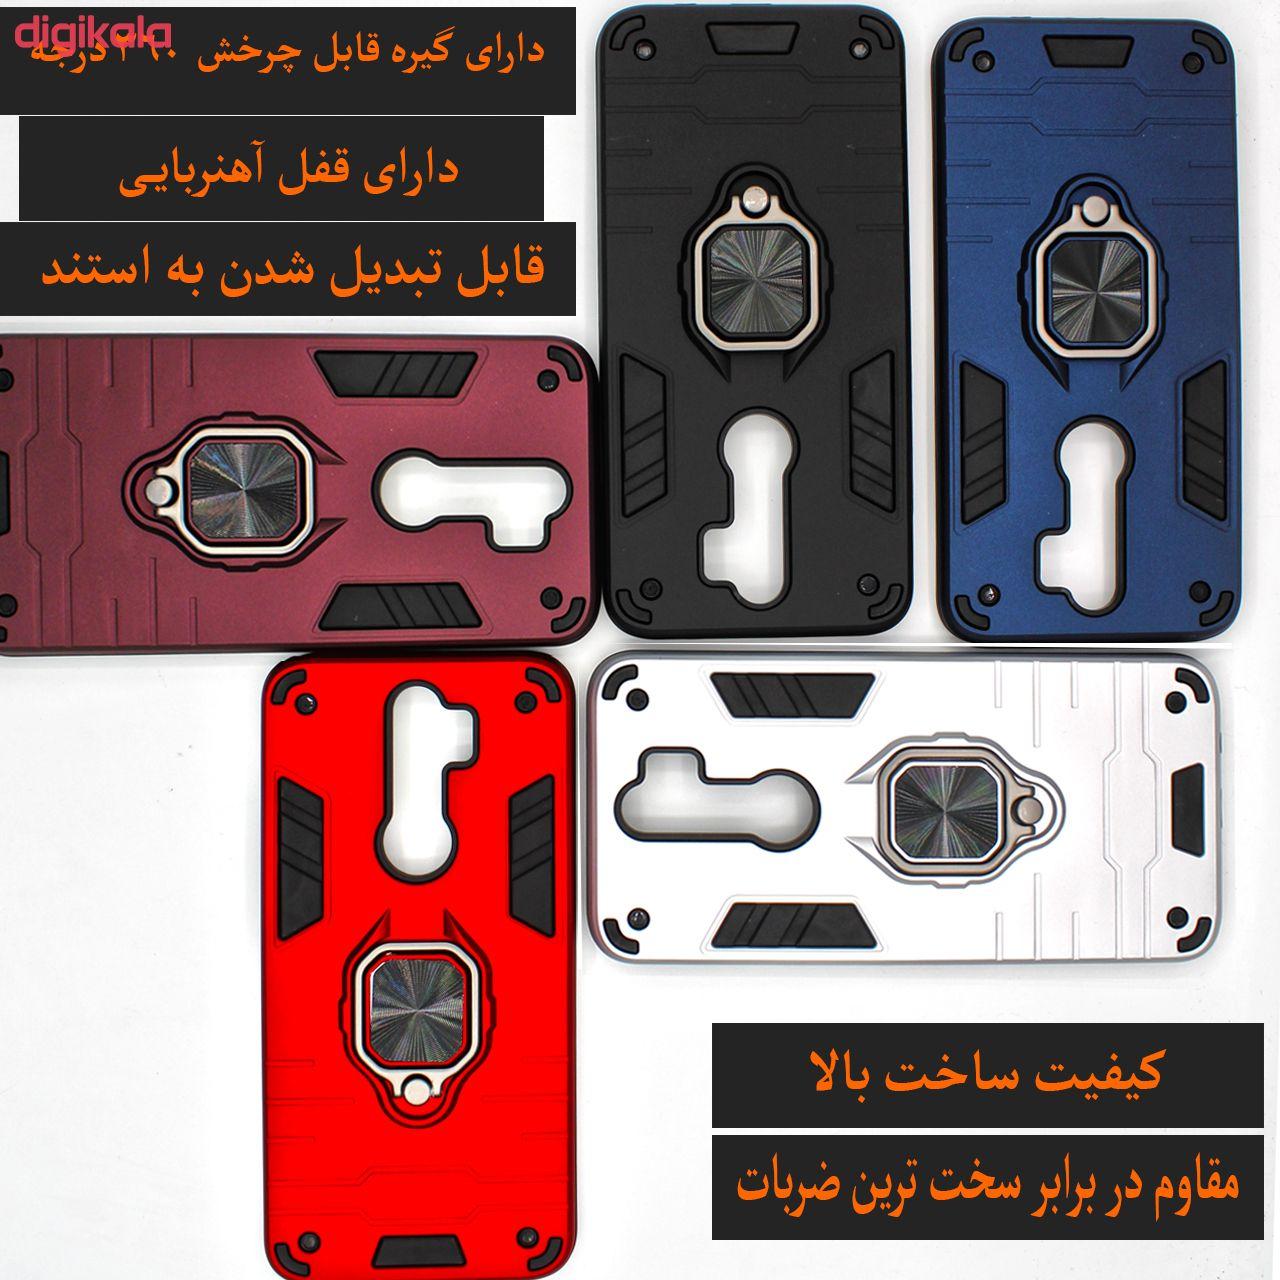 کاور کینگ پاور مدل ASH22 مناسب برای گوشی موبایل شیائومی Redmi Note 8 Pro main 1 12